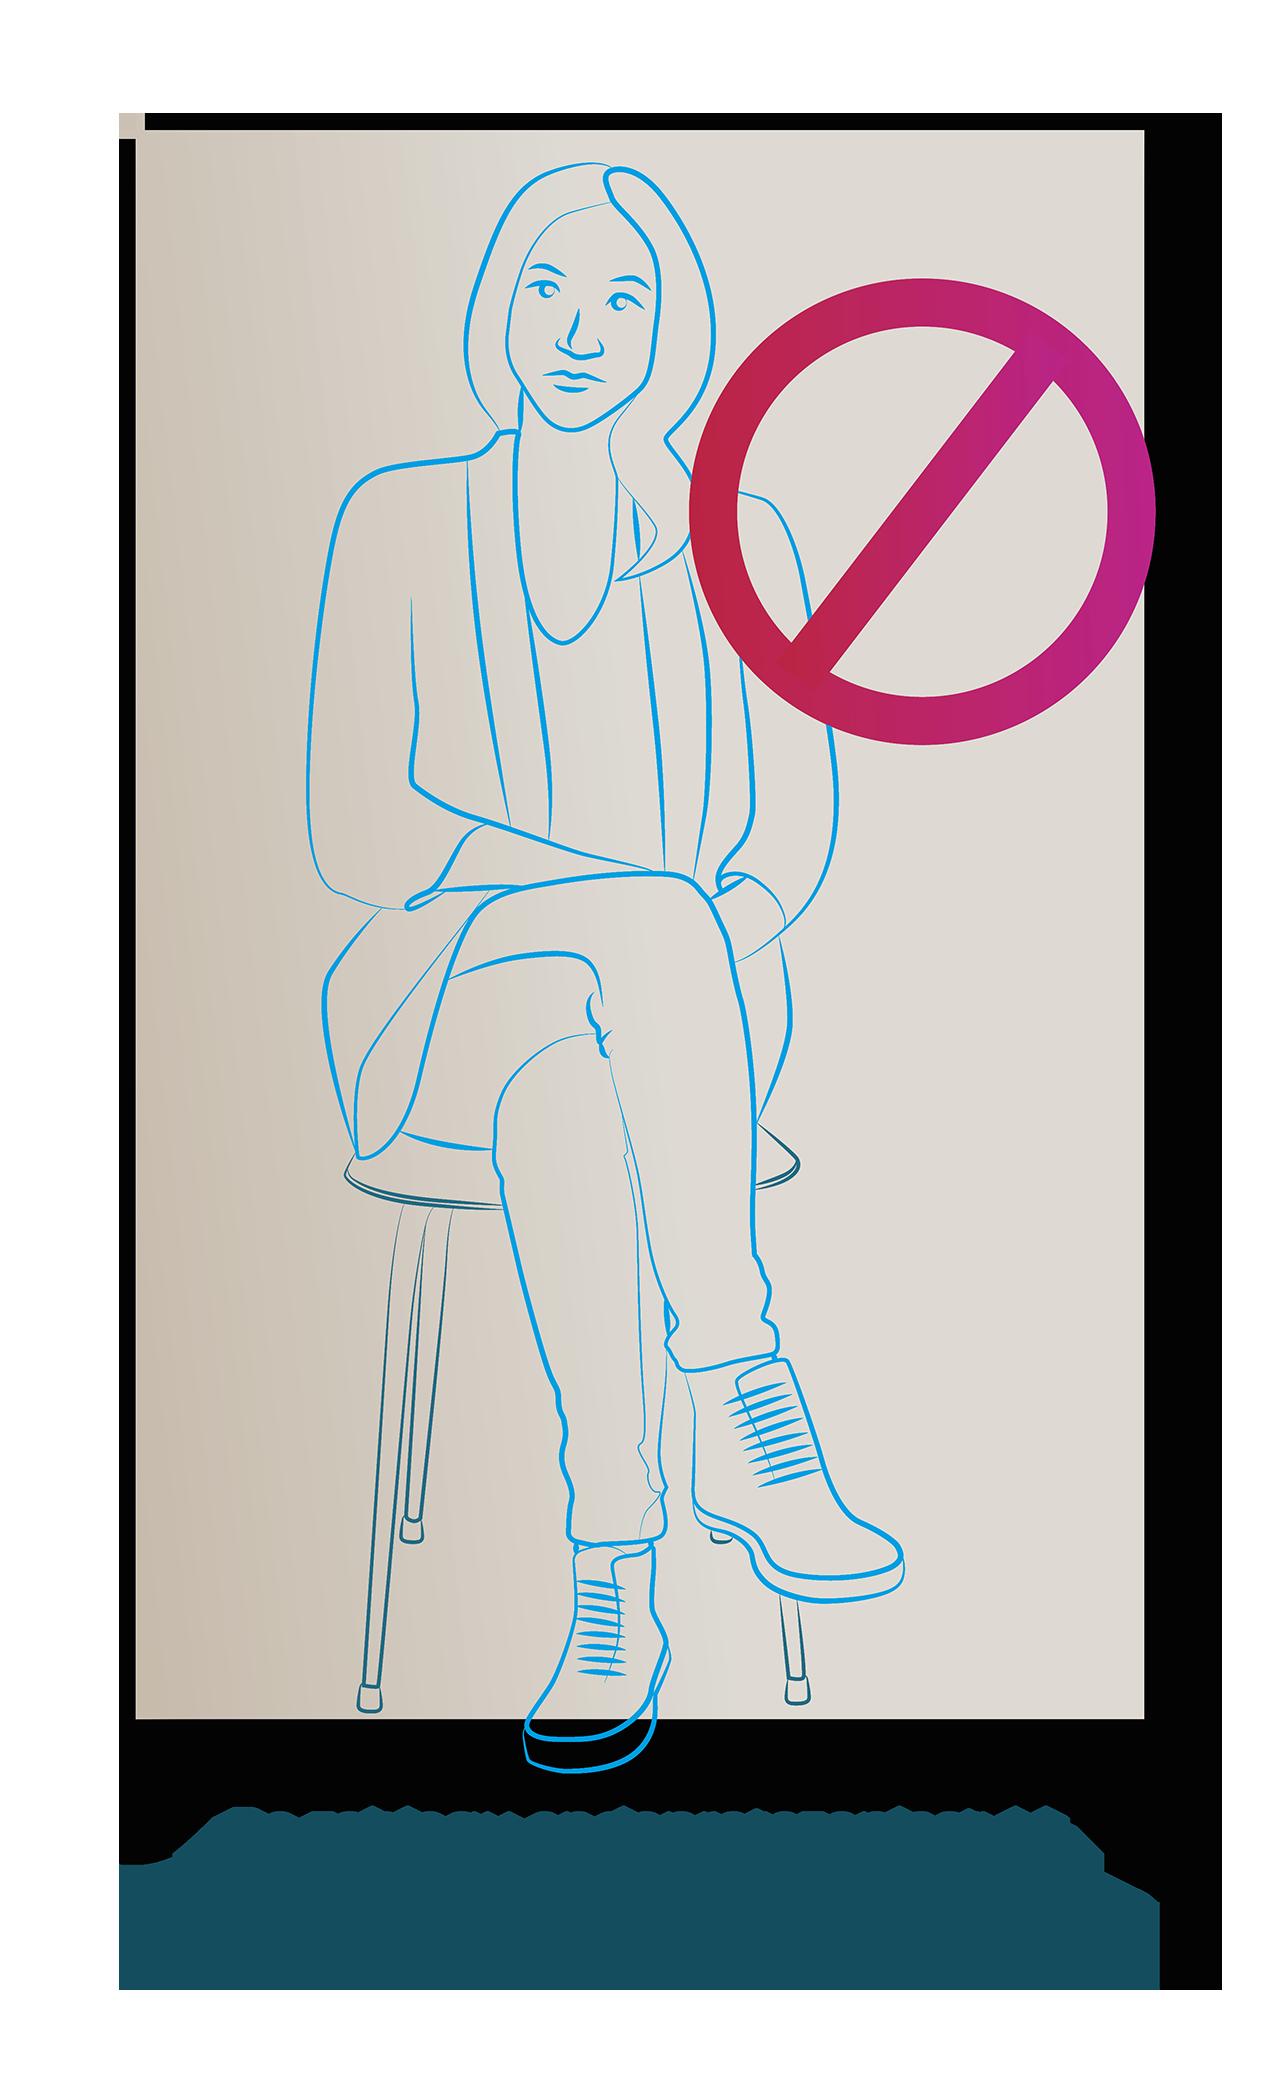 siadanie z noga na noge jest zabronione po operacji wszczepienia sztucznego biodra